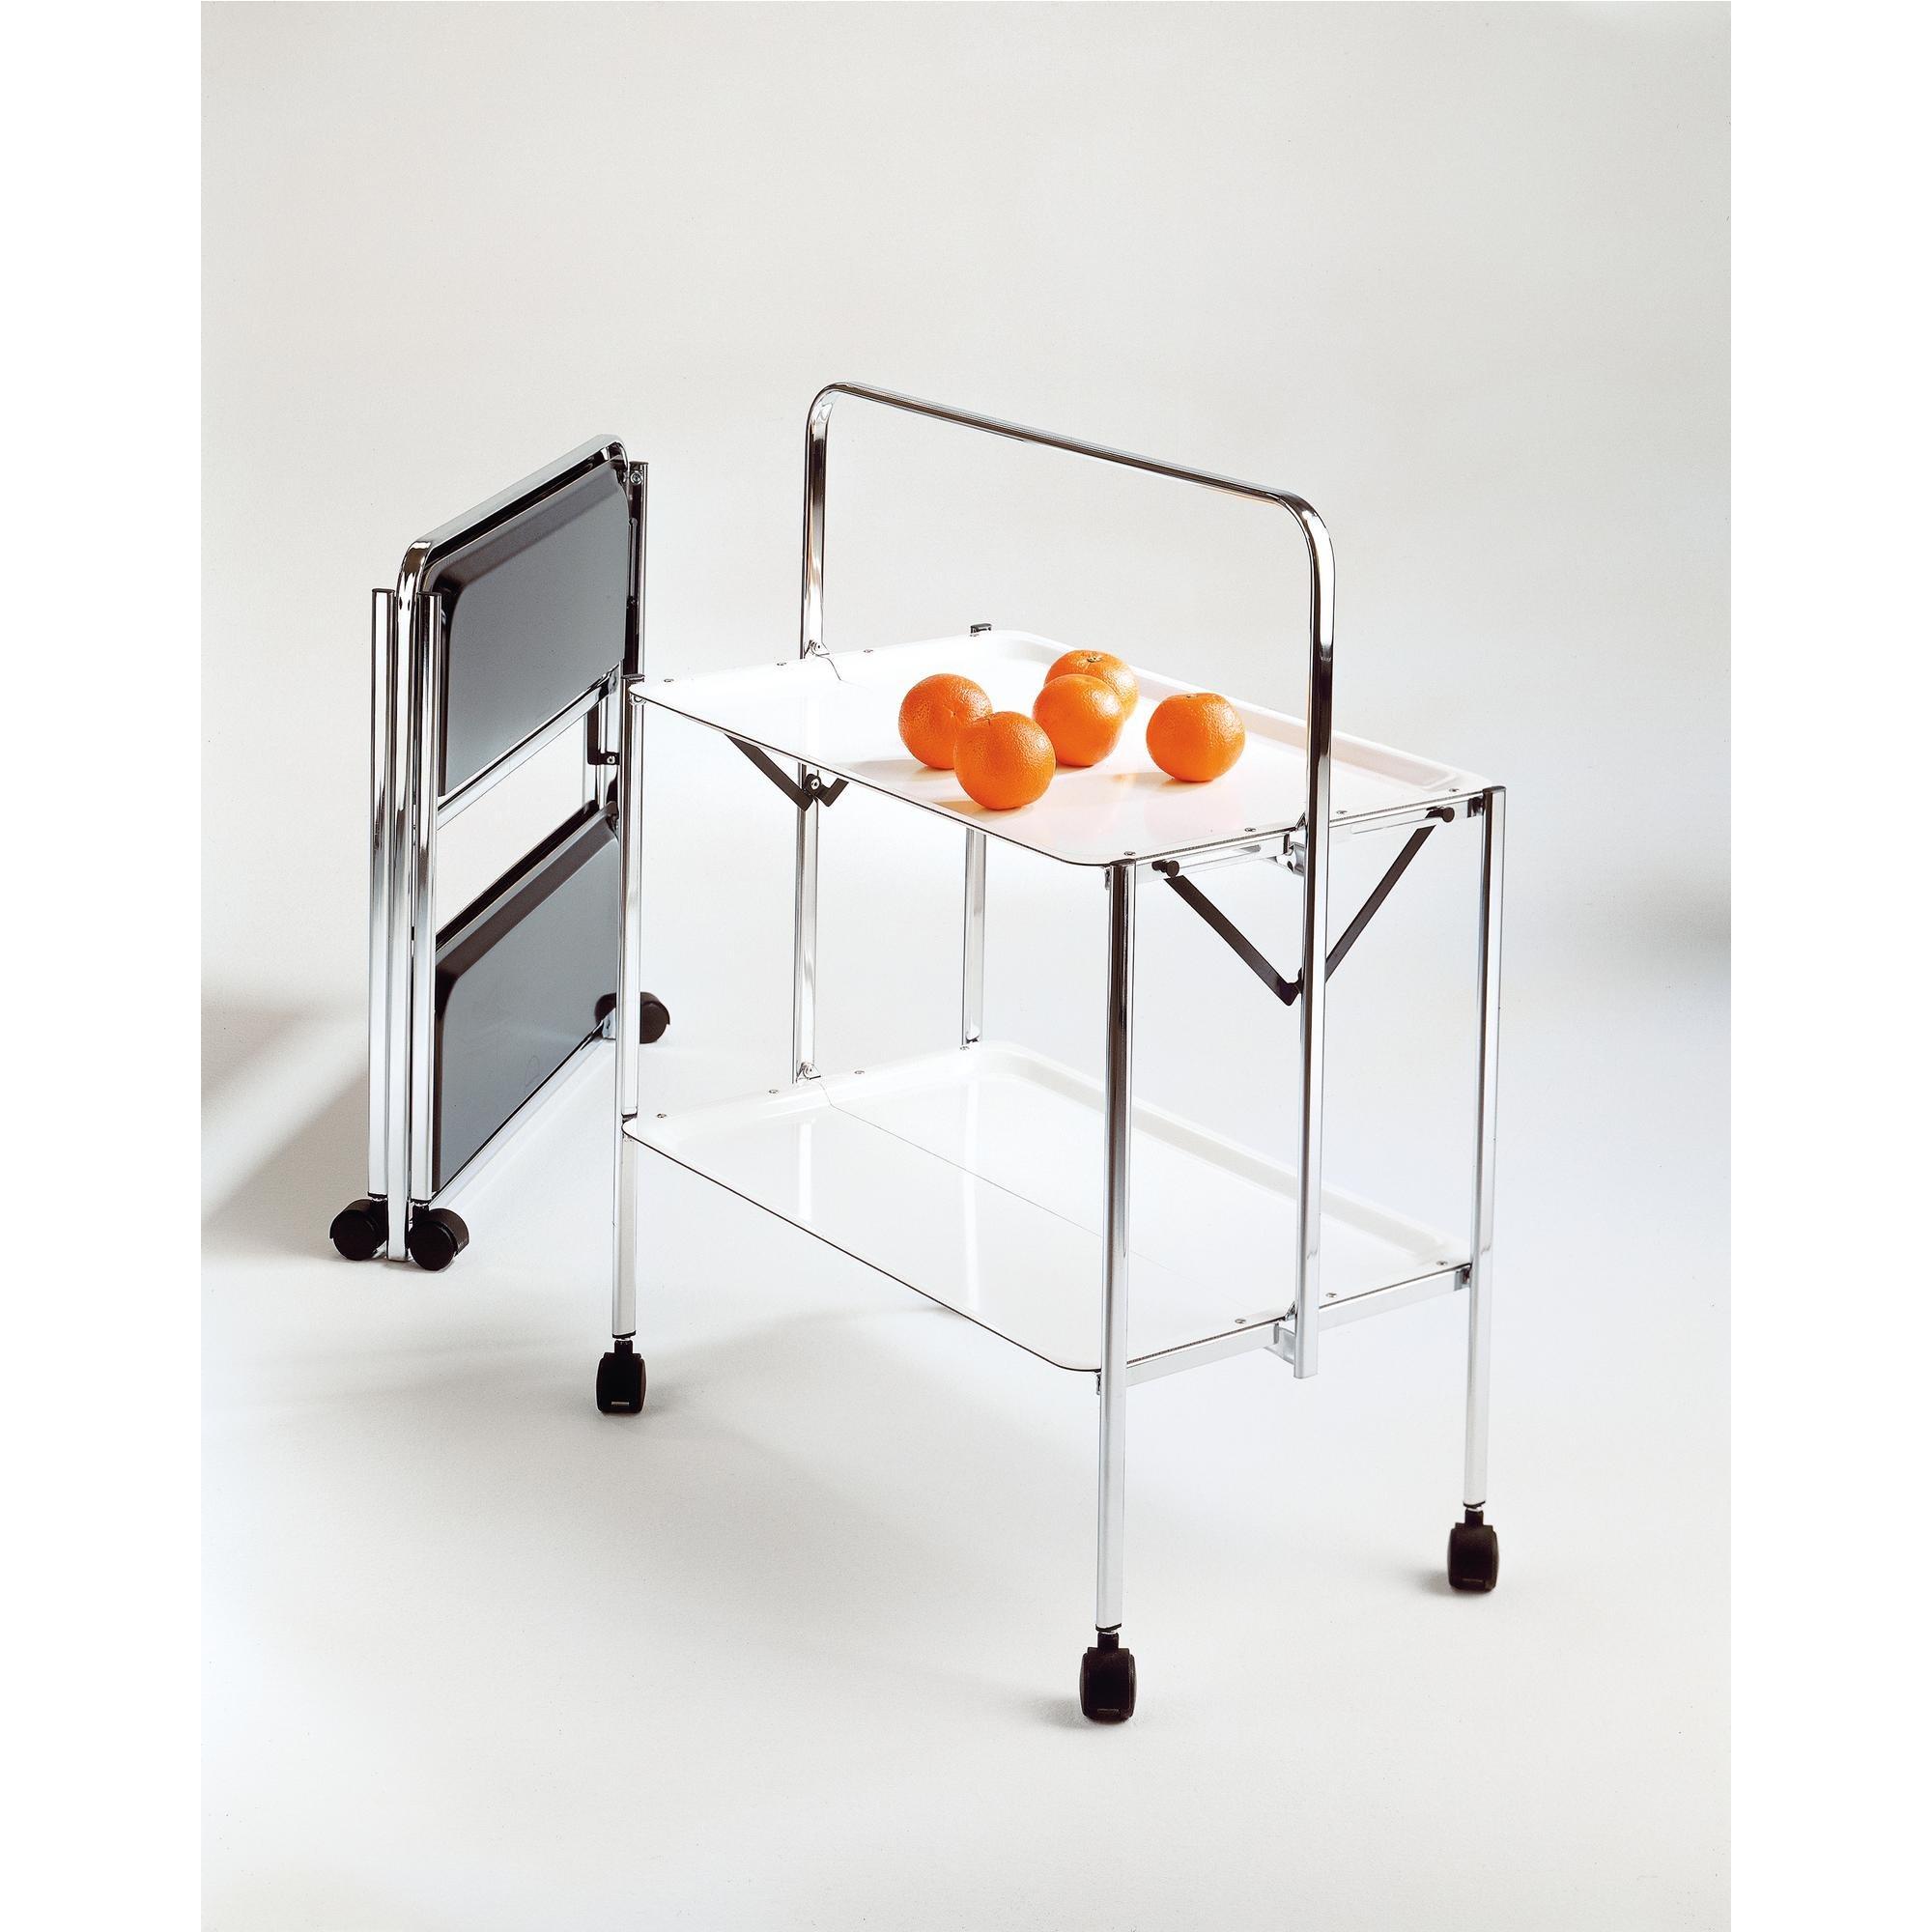 Carrello cucina ikea excellent cucina ikea con isola con ikea carrello cucina images beautiful - Ikea bilancia cucina ...